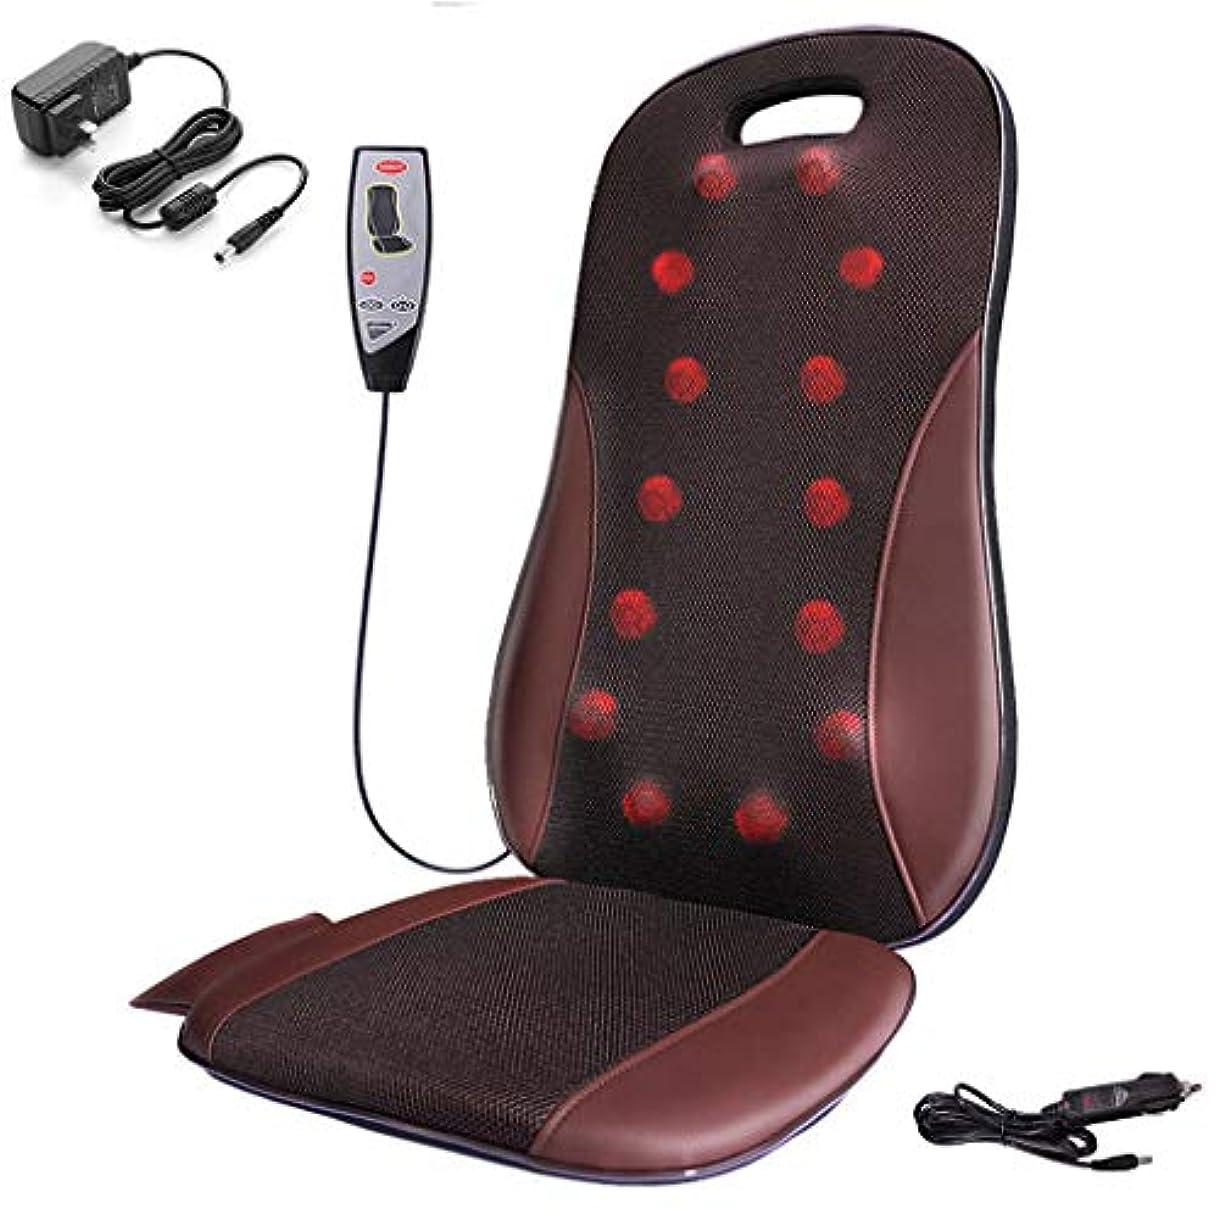 出席する結び目無傷3D の背部マッサージのクッション、暖房および振動、圧延の混練は家、オフィス、車のために適した首の背部苦痛を、取り除くのを助ける。